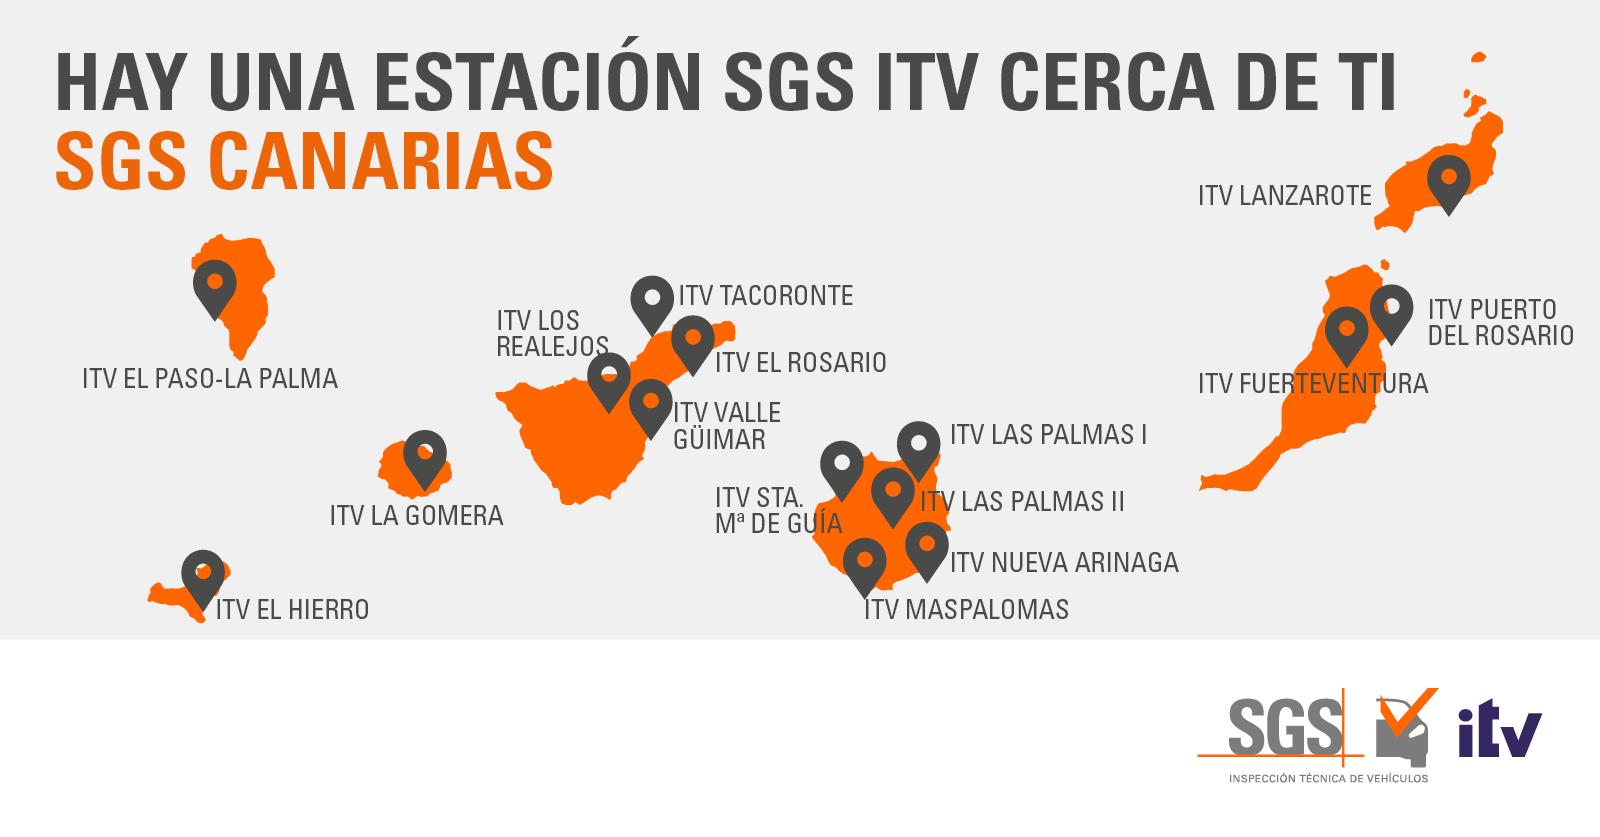 Estaciones ITV Canarias